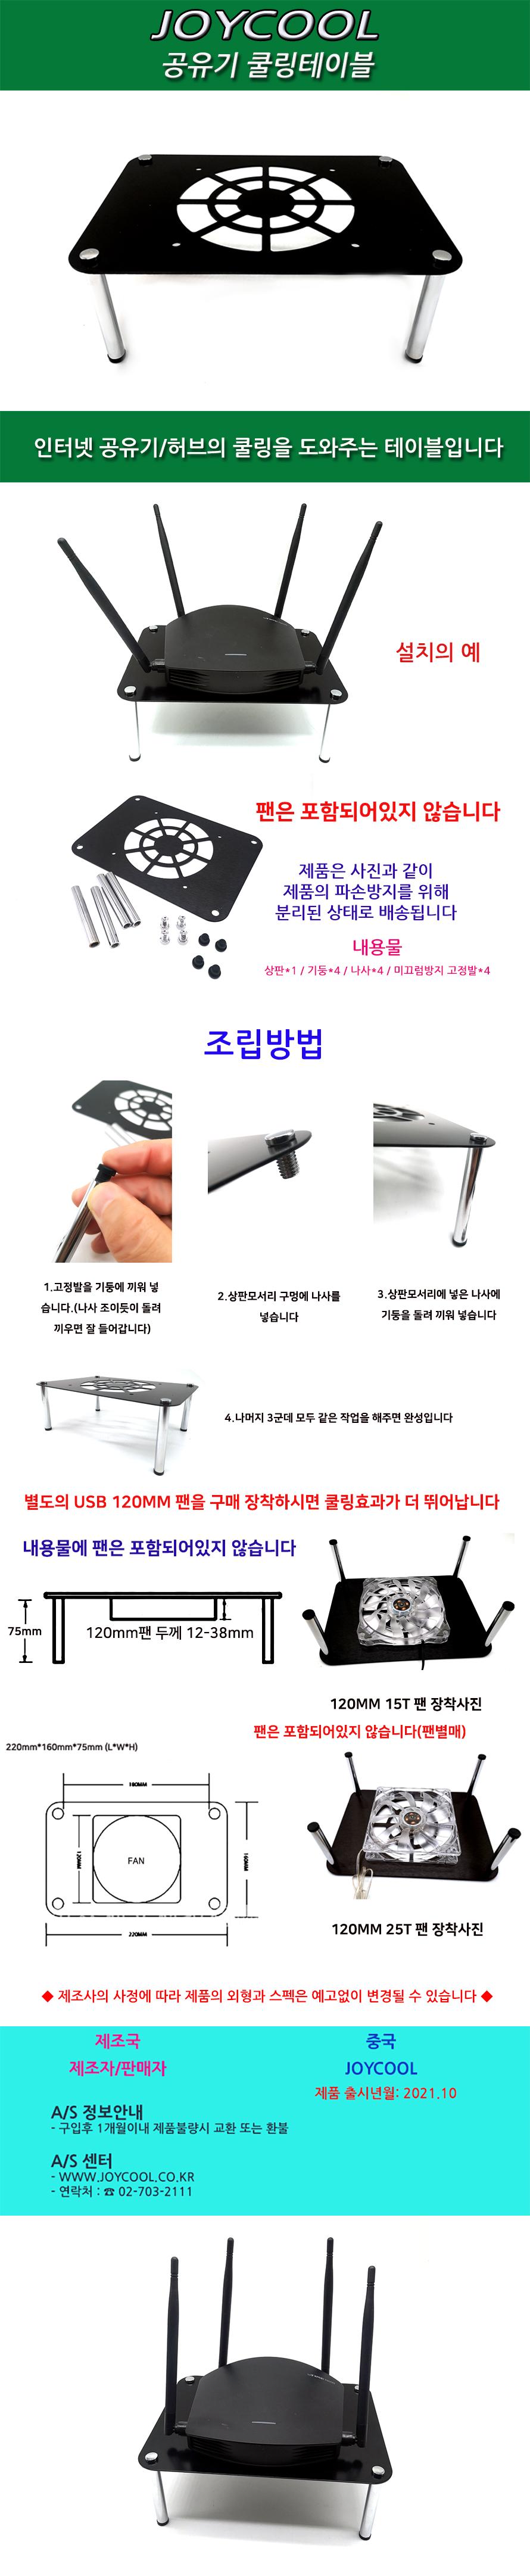 조이쿨 공유기 쿨링 테이블